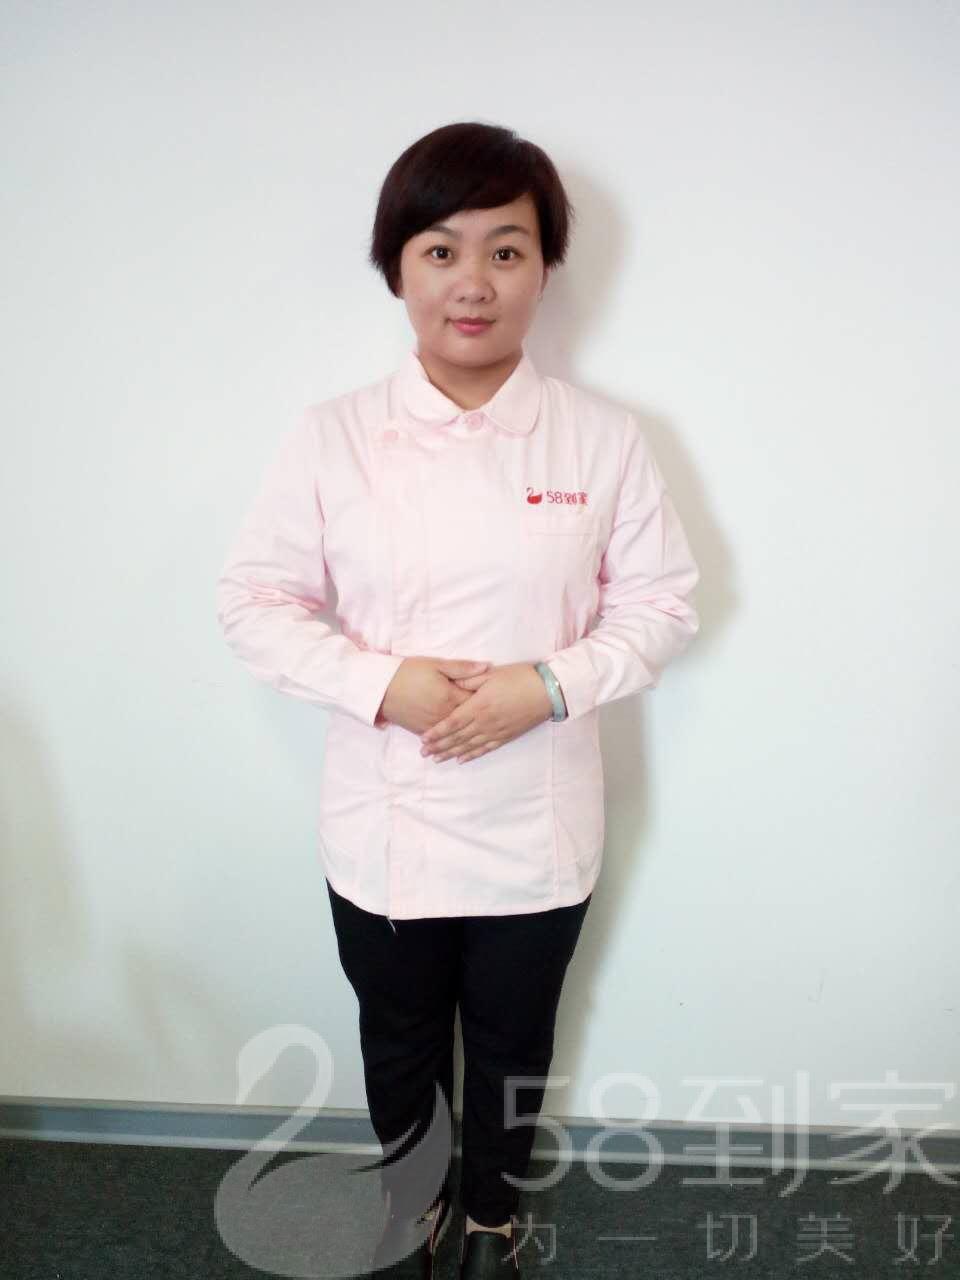 保洁师王东梅